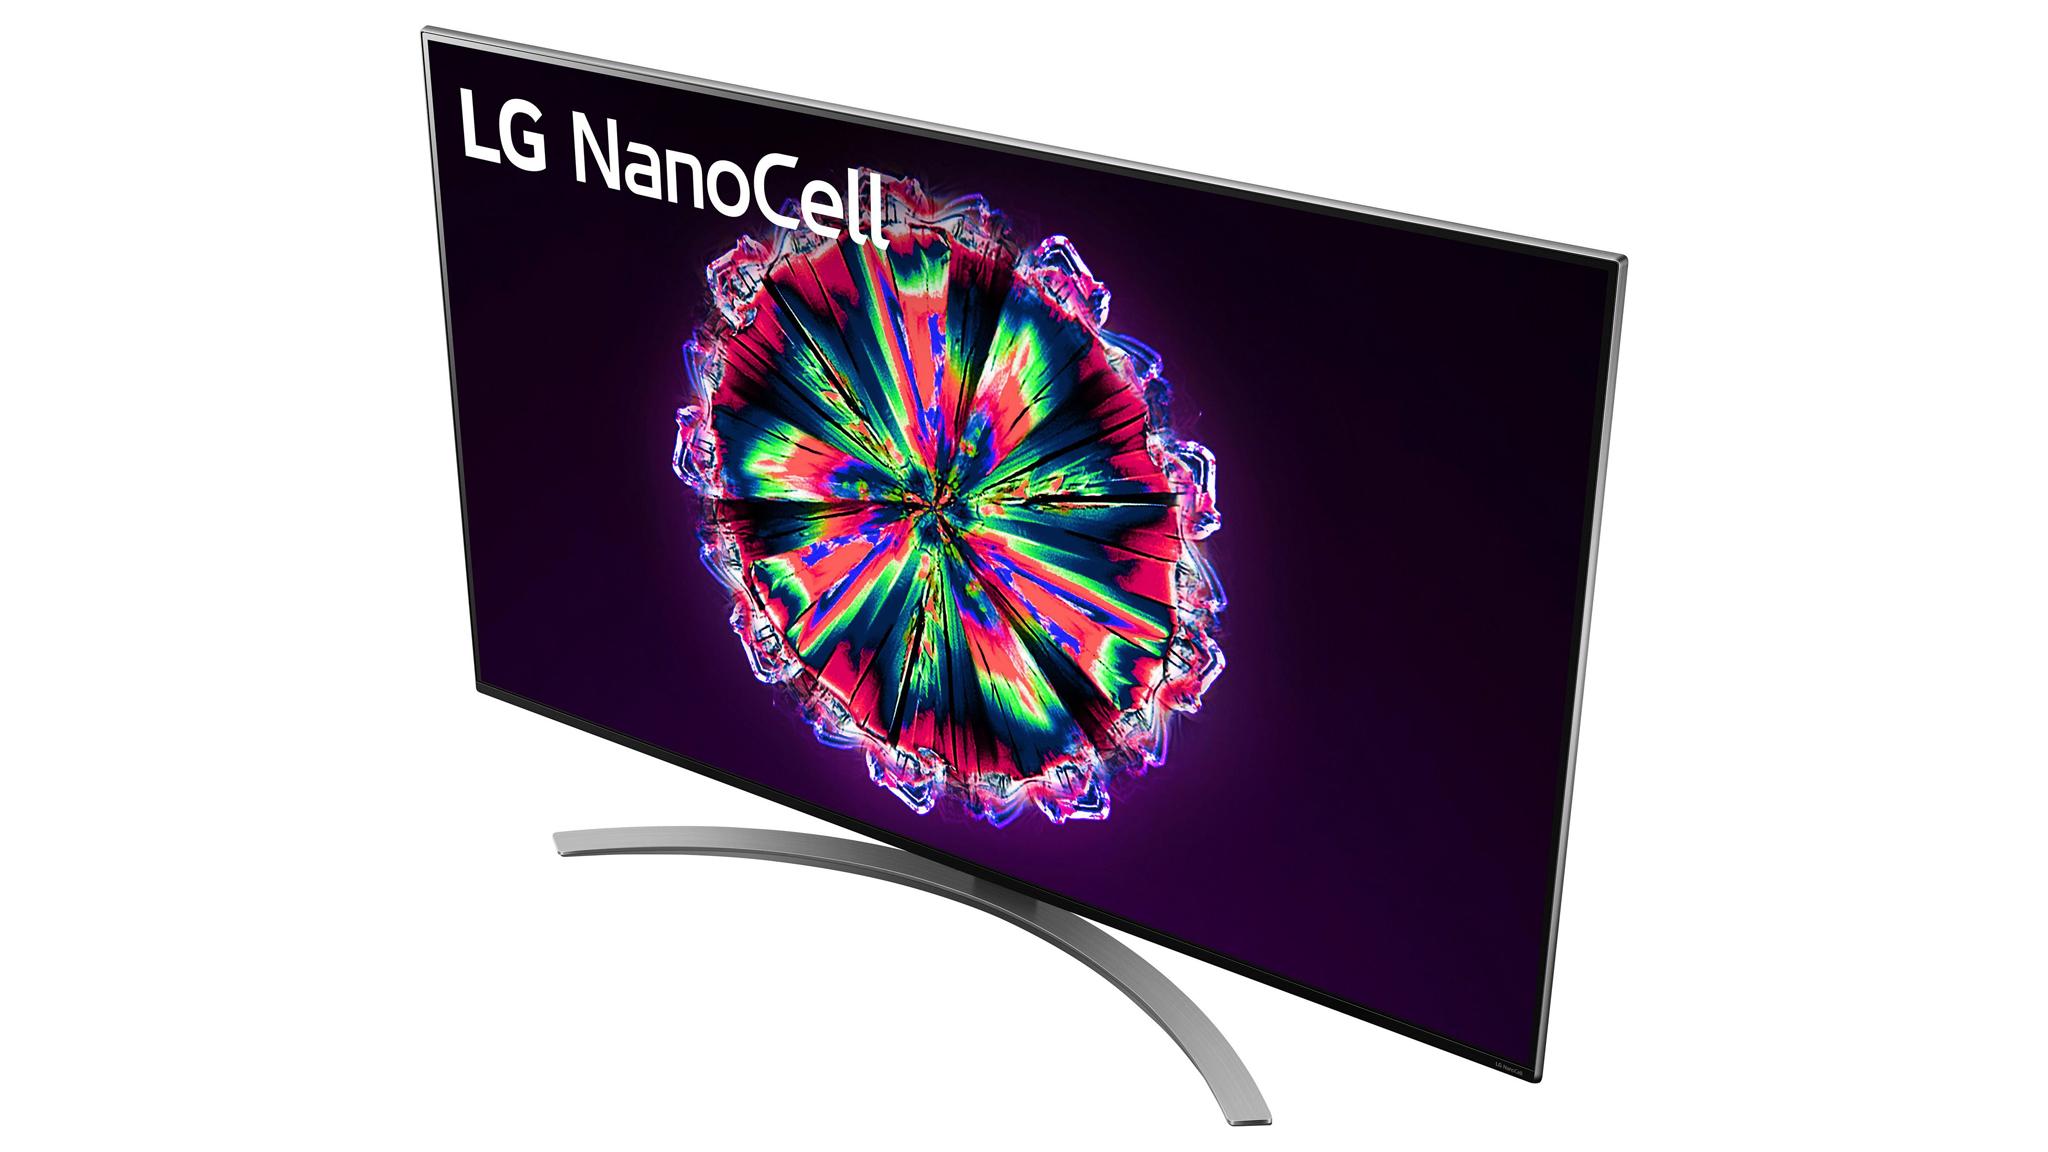 Preis fast halbiert: LG-Fernseher mit 55 Zoll und 4K zum Tiefpreis